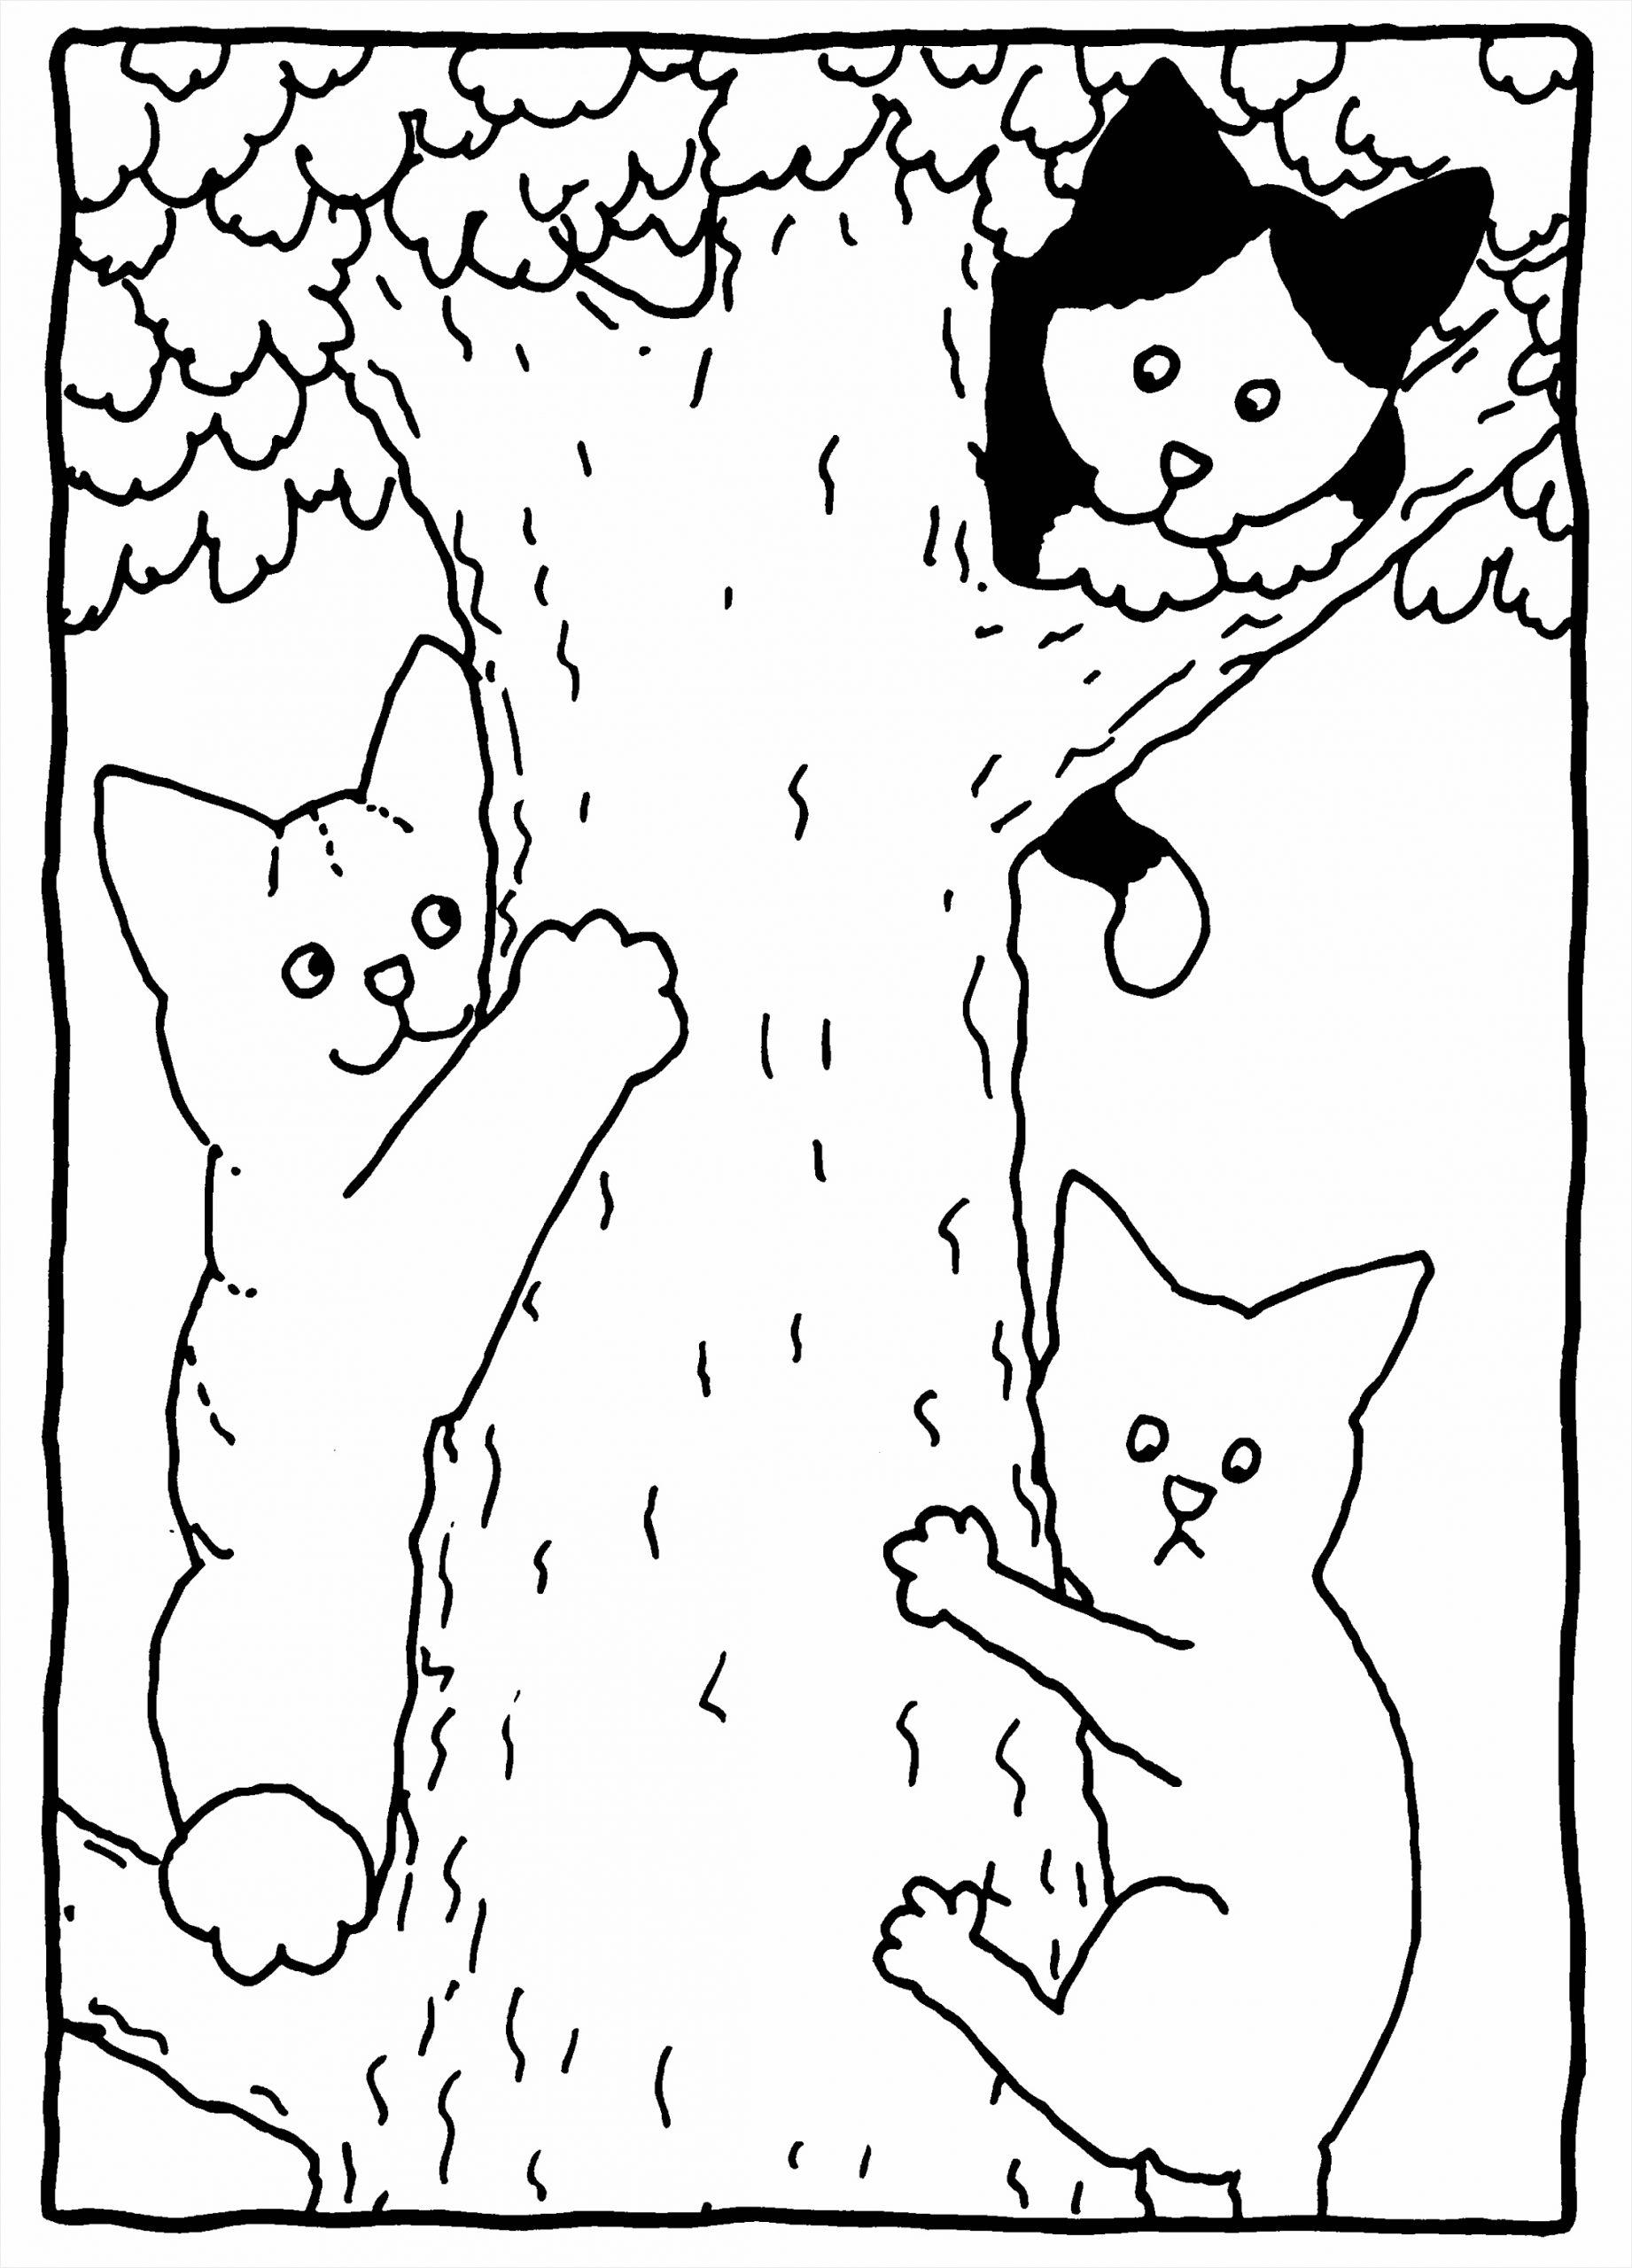 kleurplaat boom winter kleurplaten234